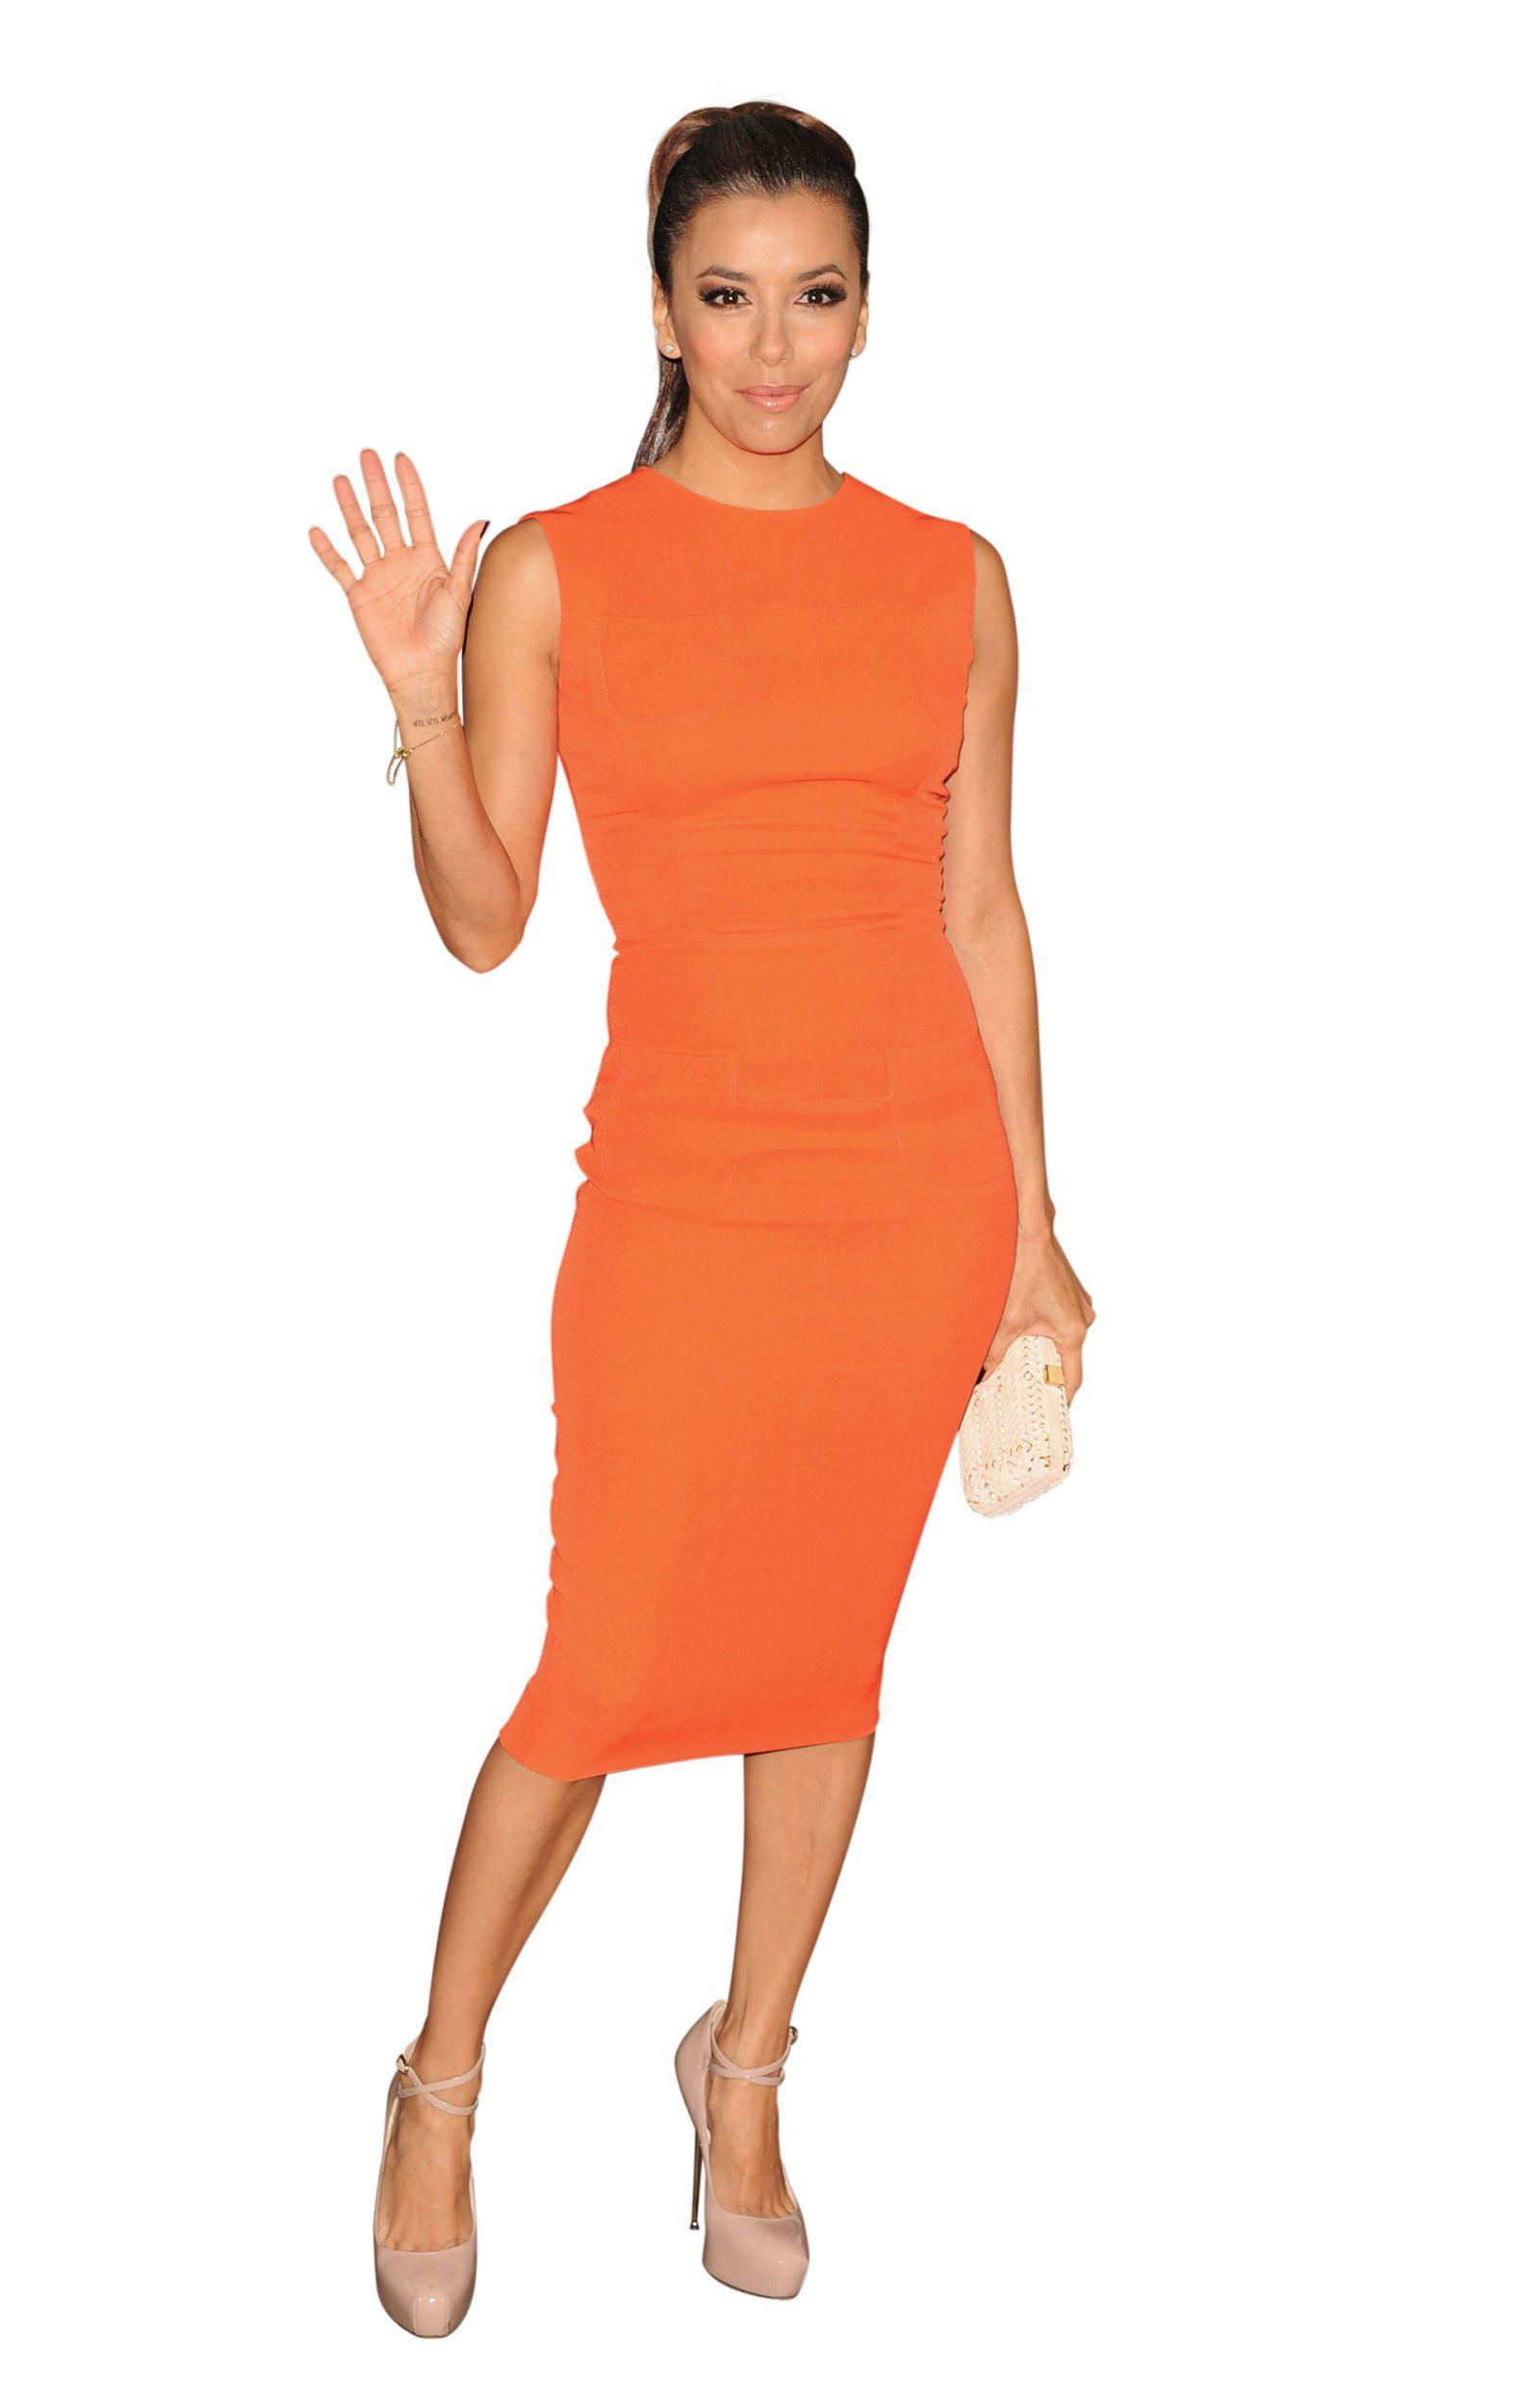 b07e1759 How To Wear A Sheath Dress - Classic Celebrity Style